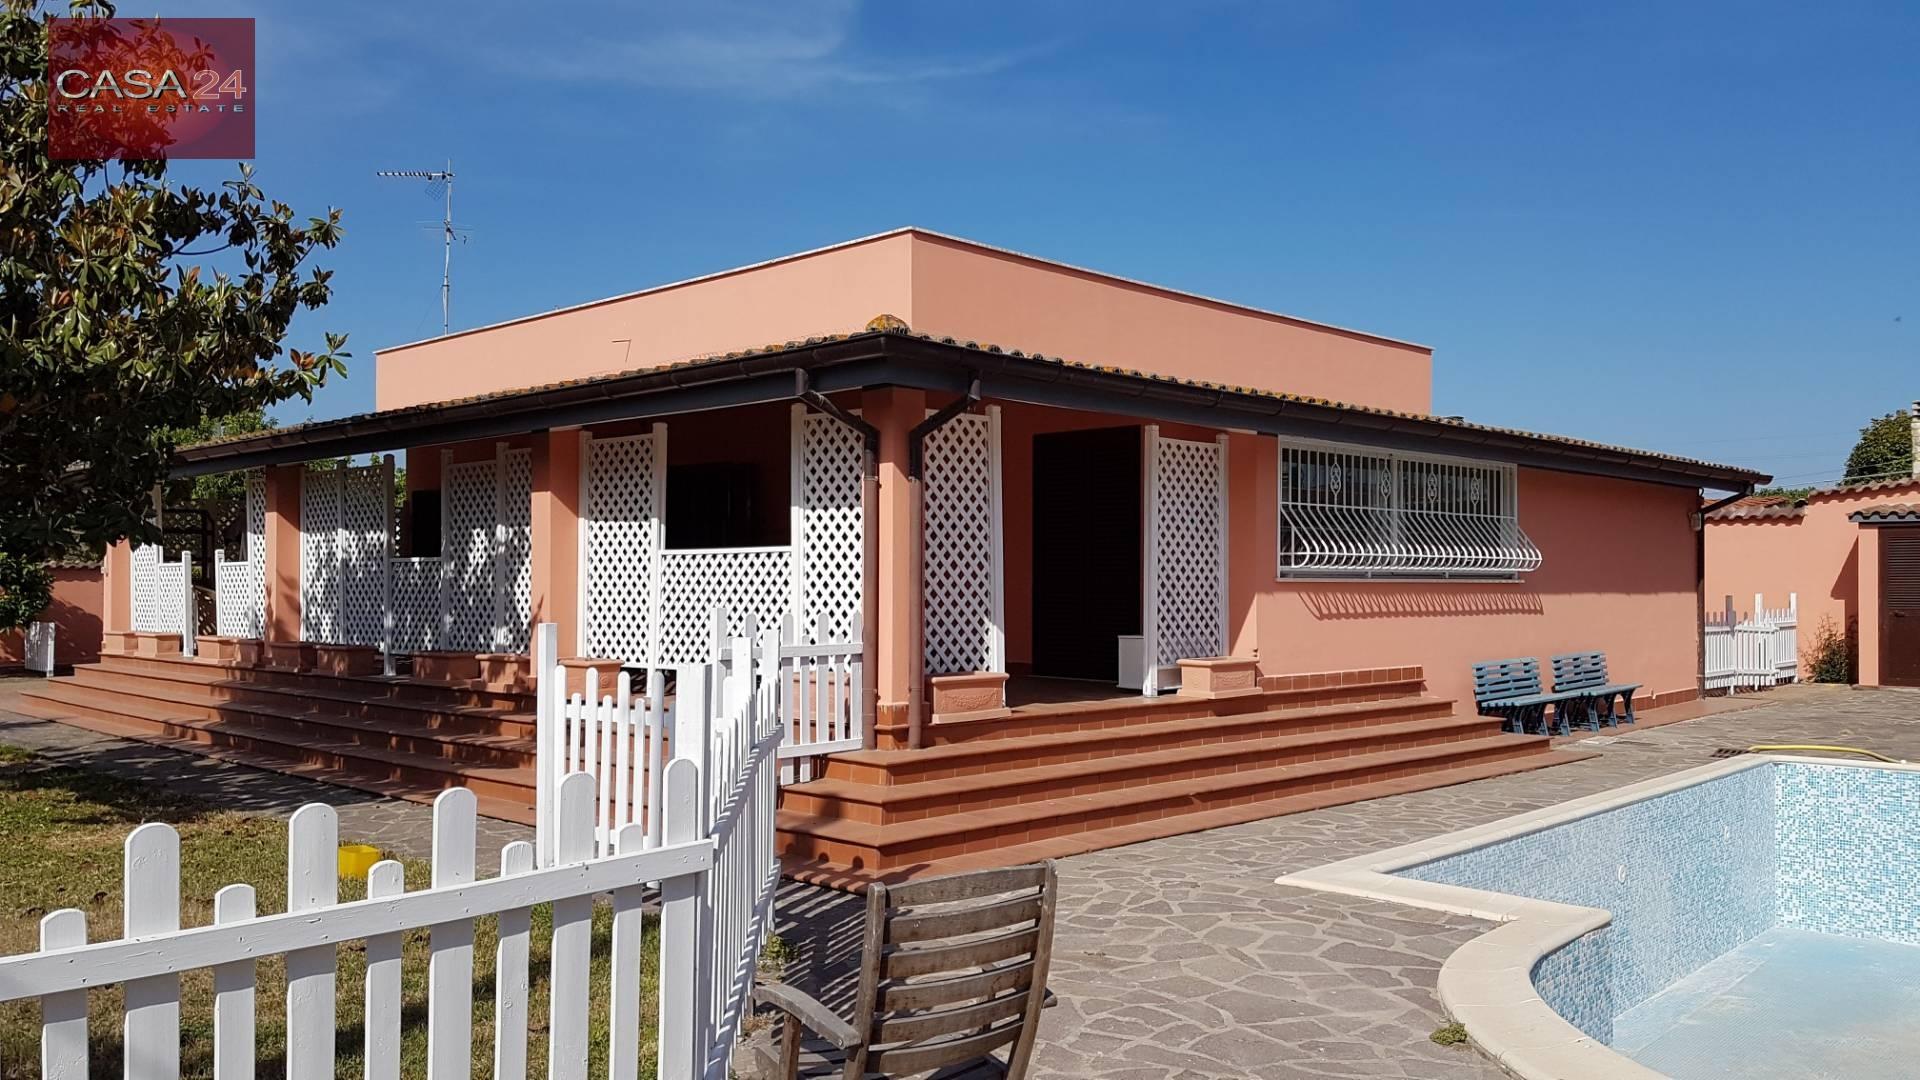 Villa in vendita a Latina, 5 locali, zona Località: BorgoSabotino, prezzo € 270.000 | CambioCasa.it